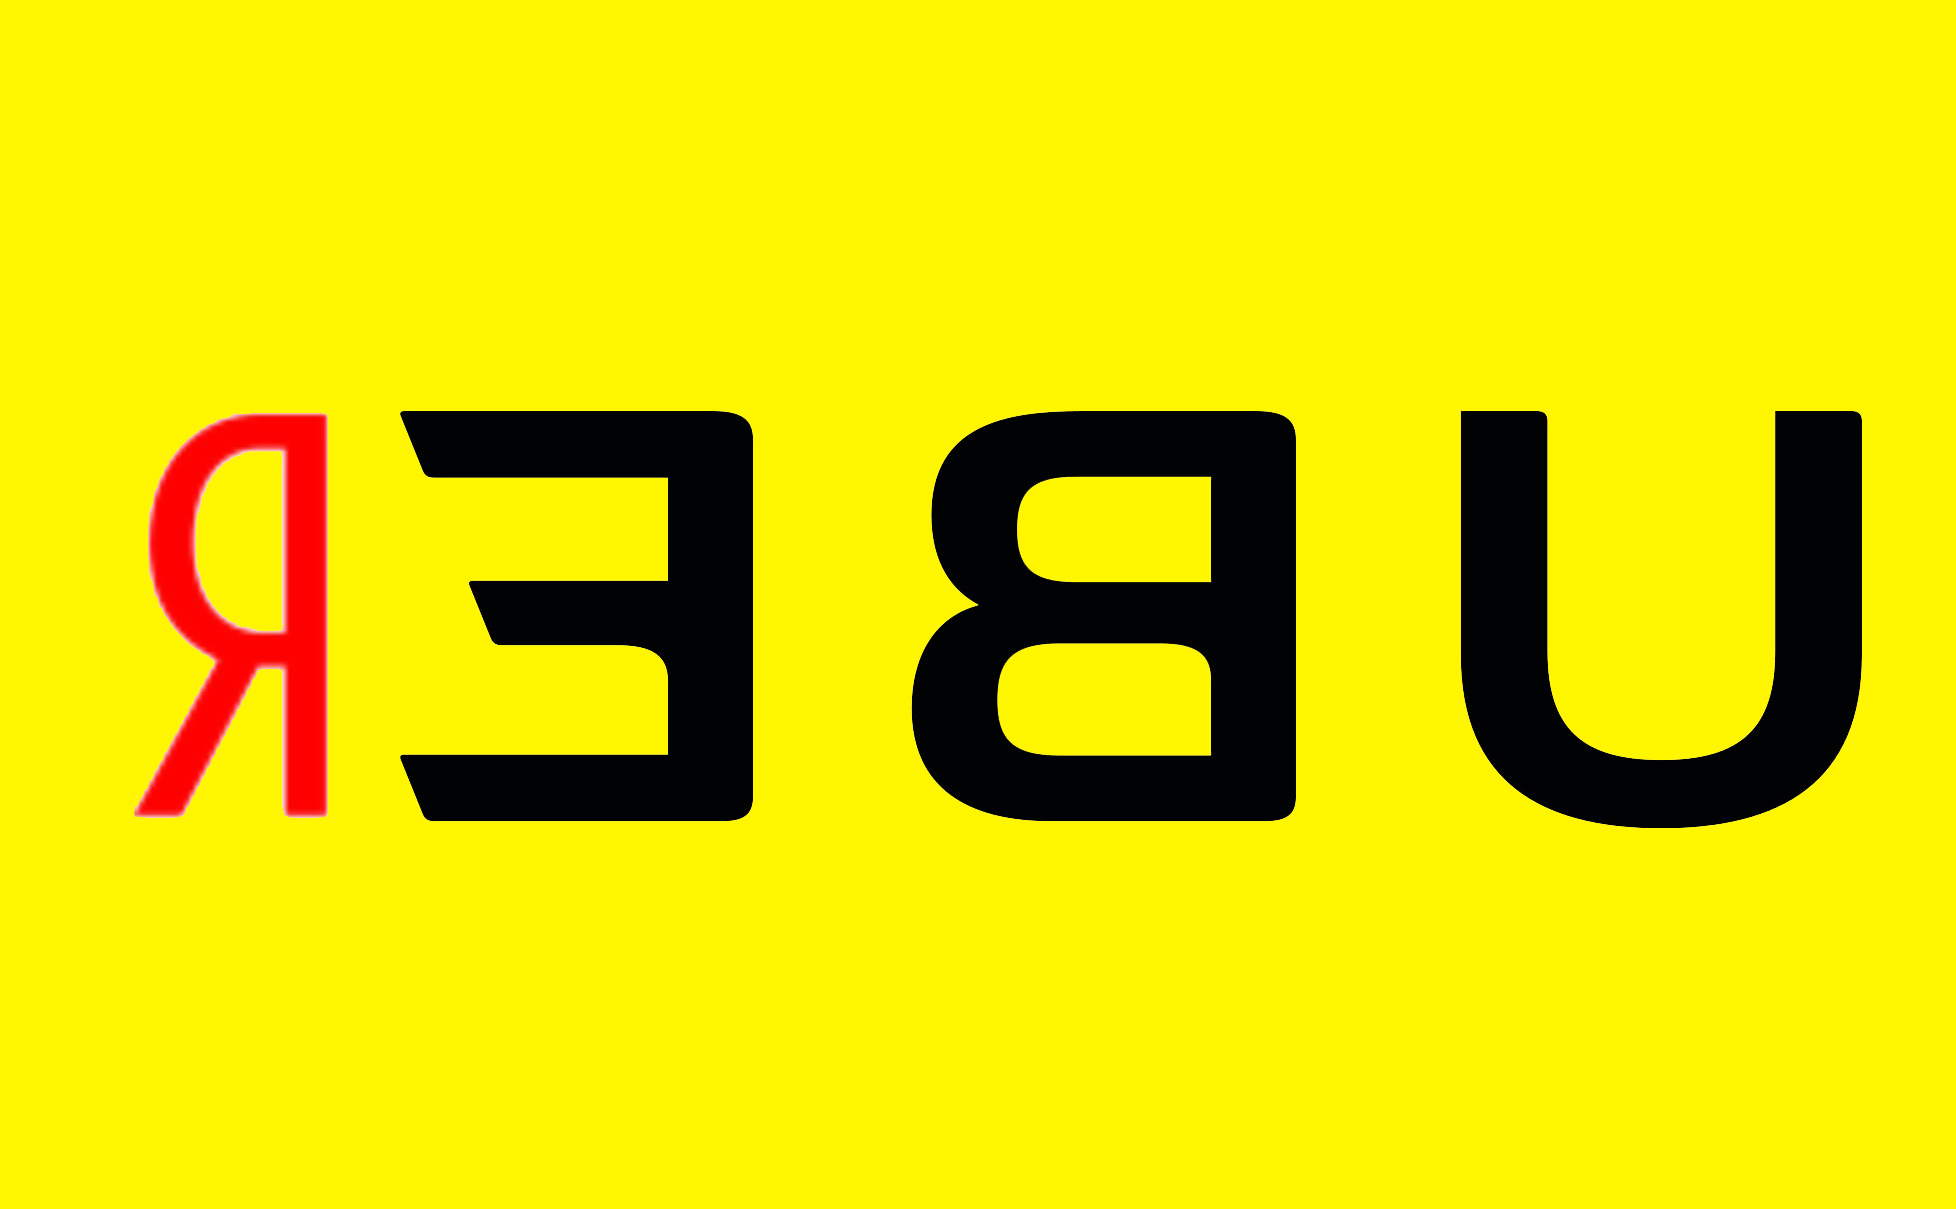 Как в соцсетях отреагировали на объединение Яндекс.Такси и Uber